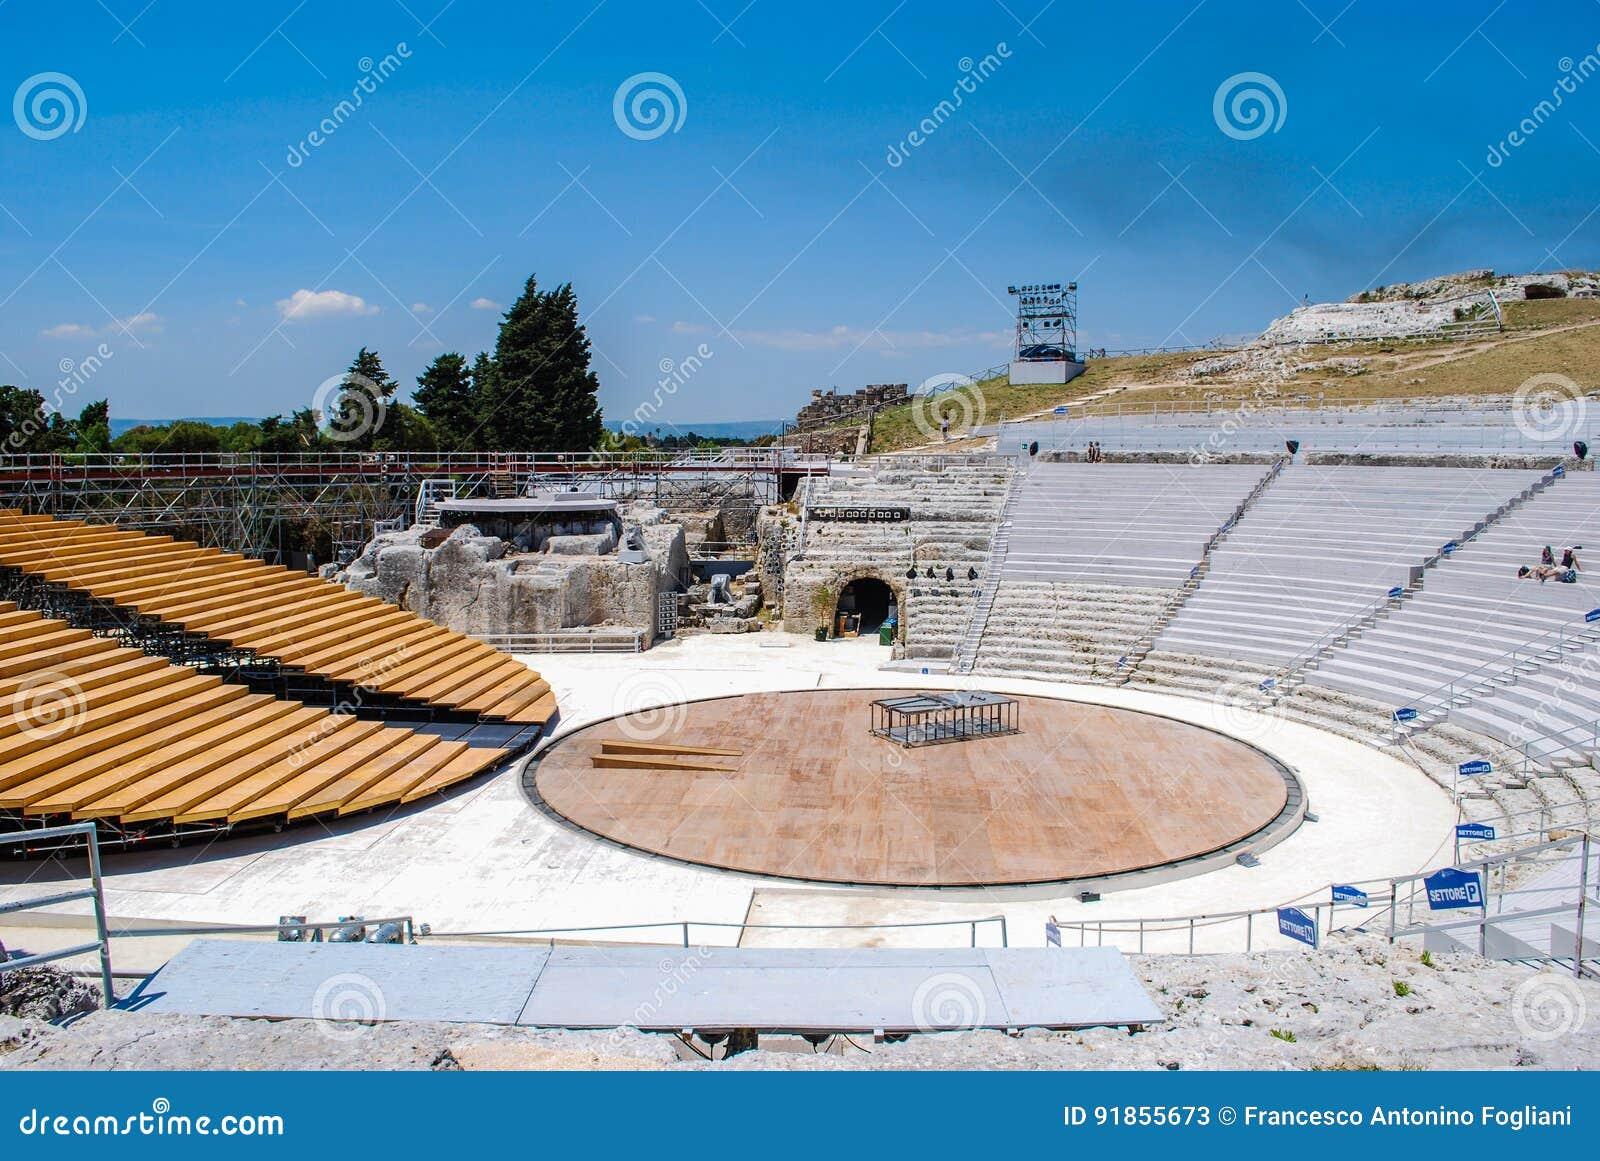 SYRACUSE WŁOCHY, Czerwiec, - 02, 2012: Grecki teatr w archeologicznym parku